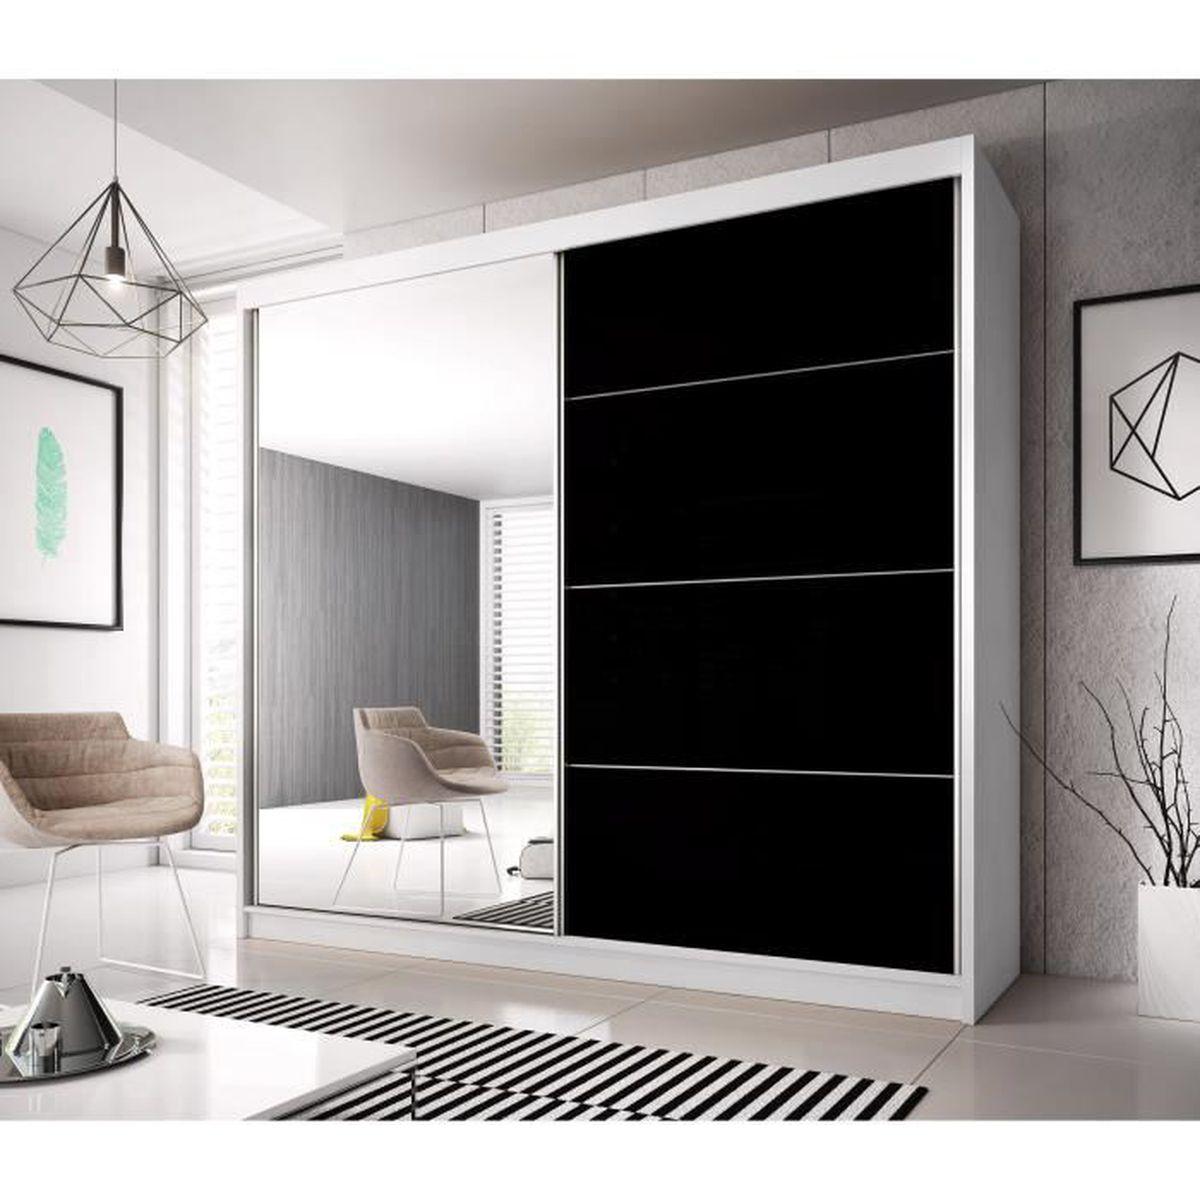 Armoire contemporaine 2 portes coulissantes Jackson - Achat ...